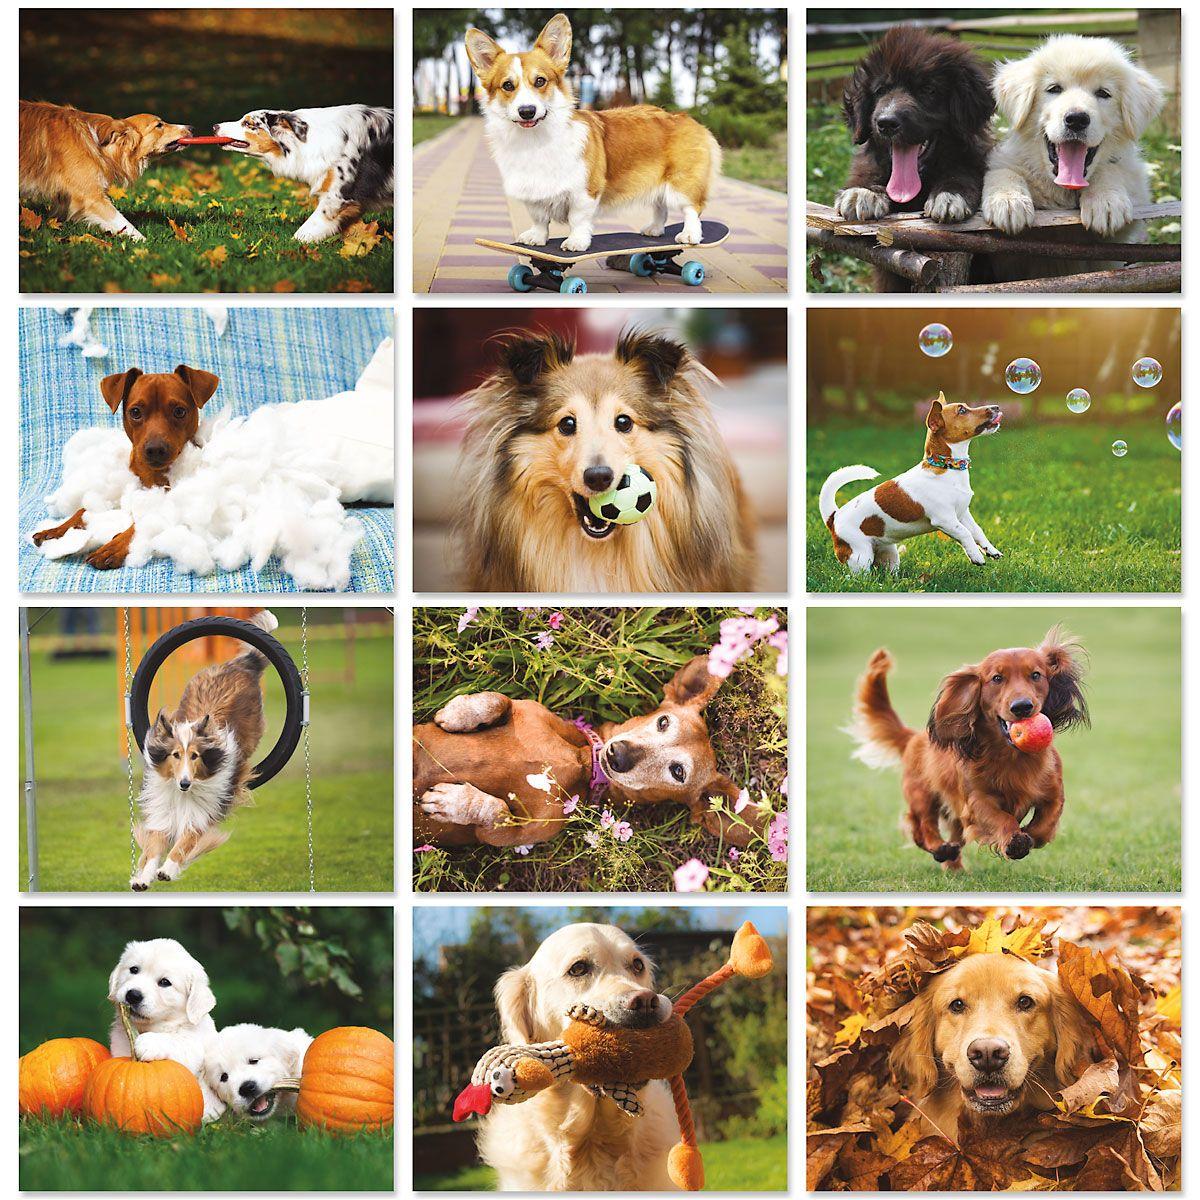 2020 Playful Pups Wall Calendar